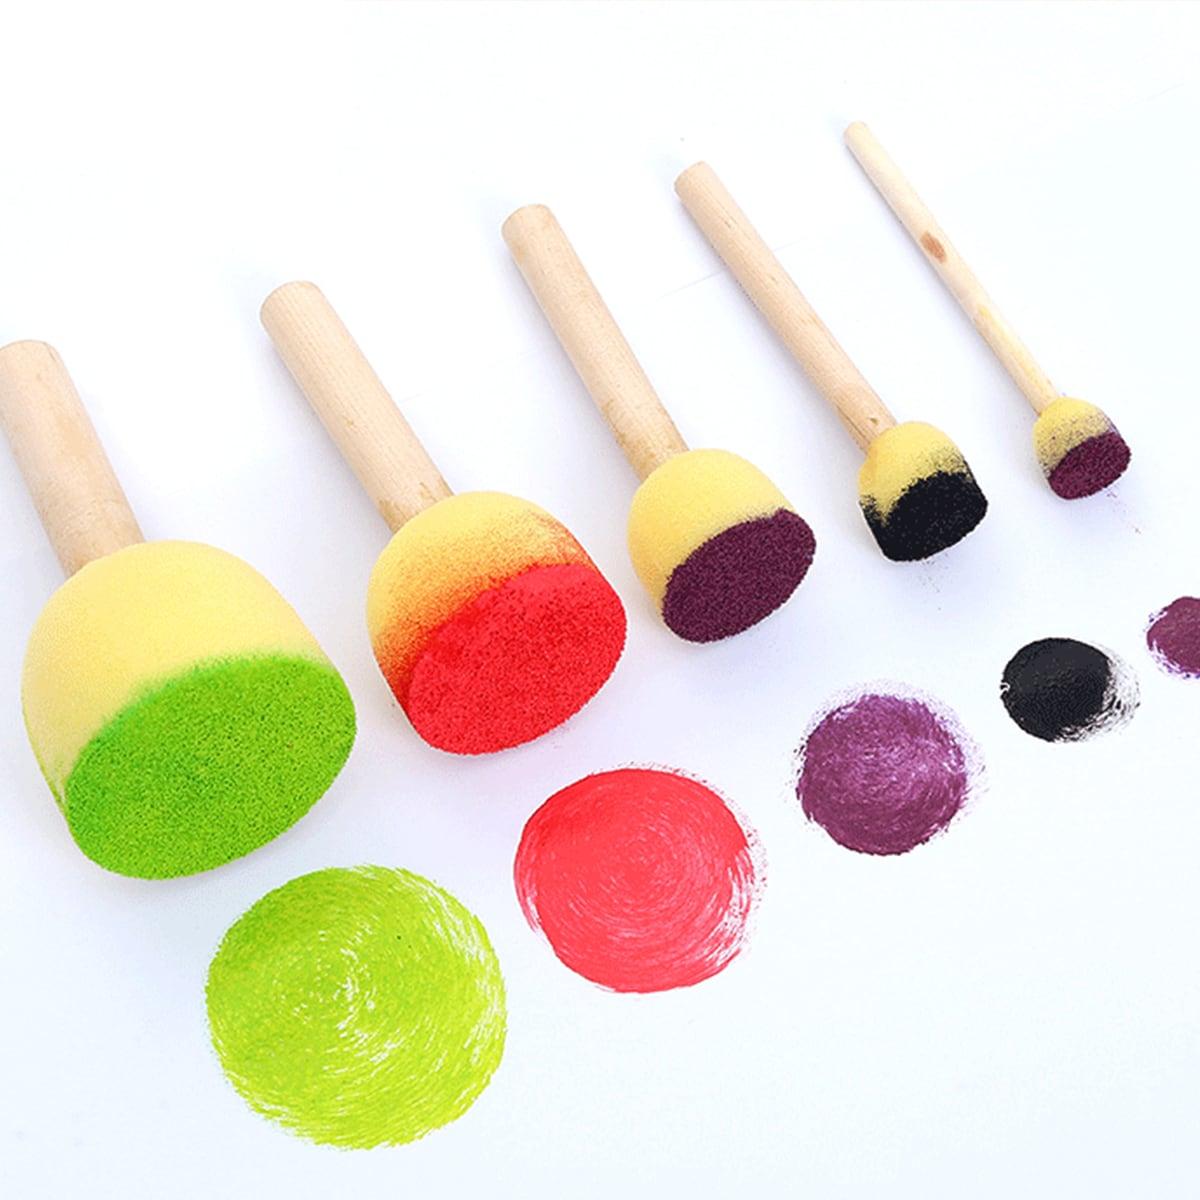 5pcs Painting Sponge Brush